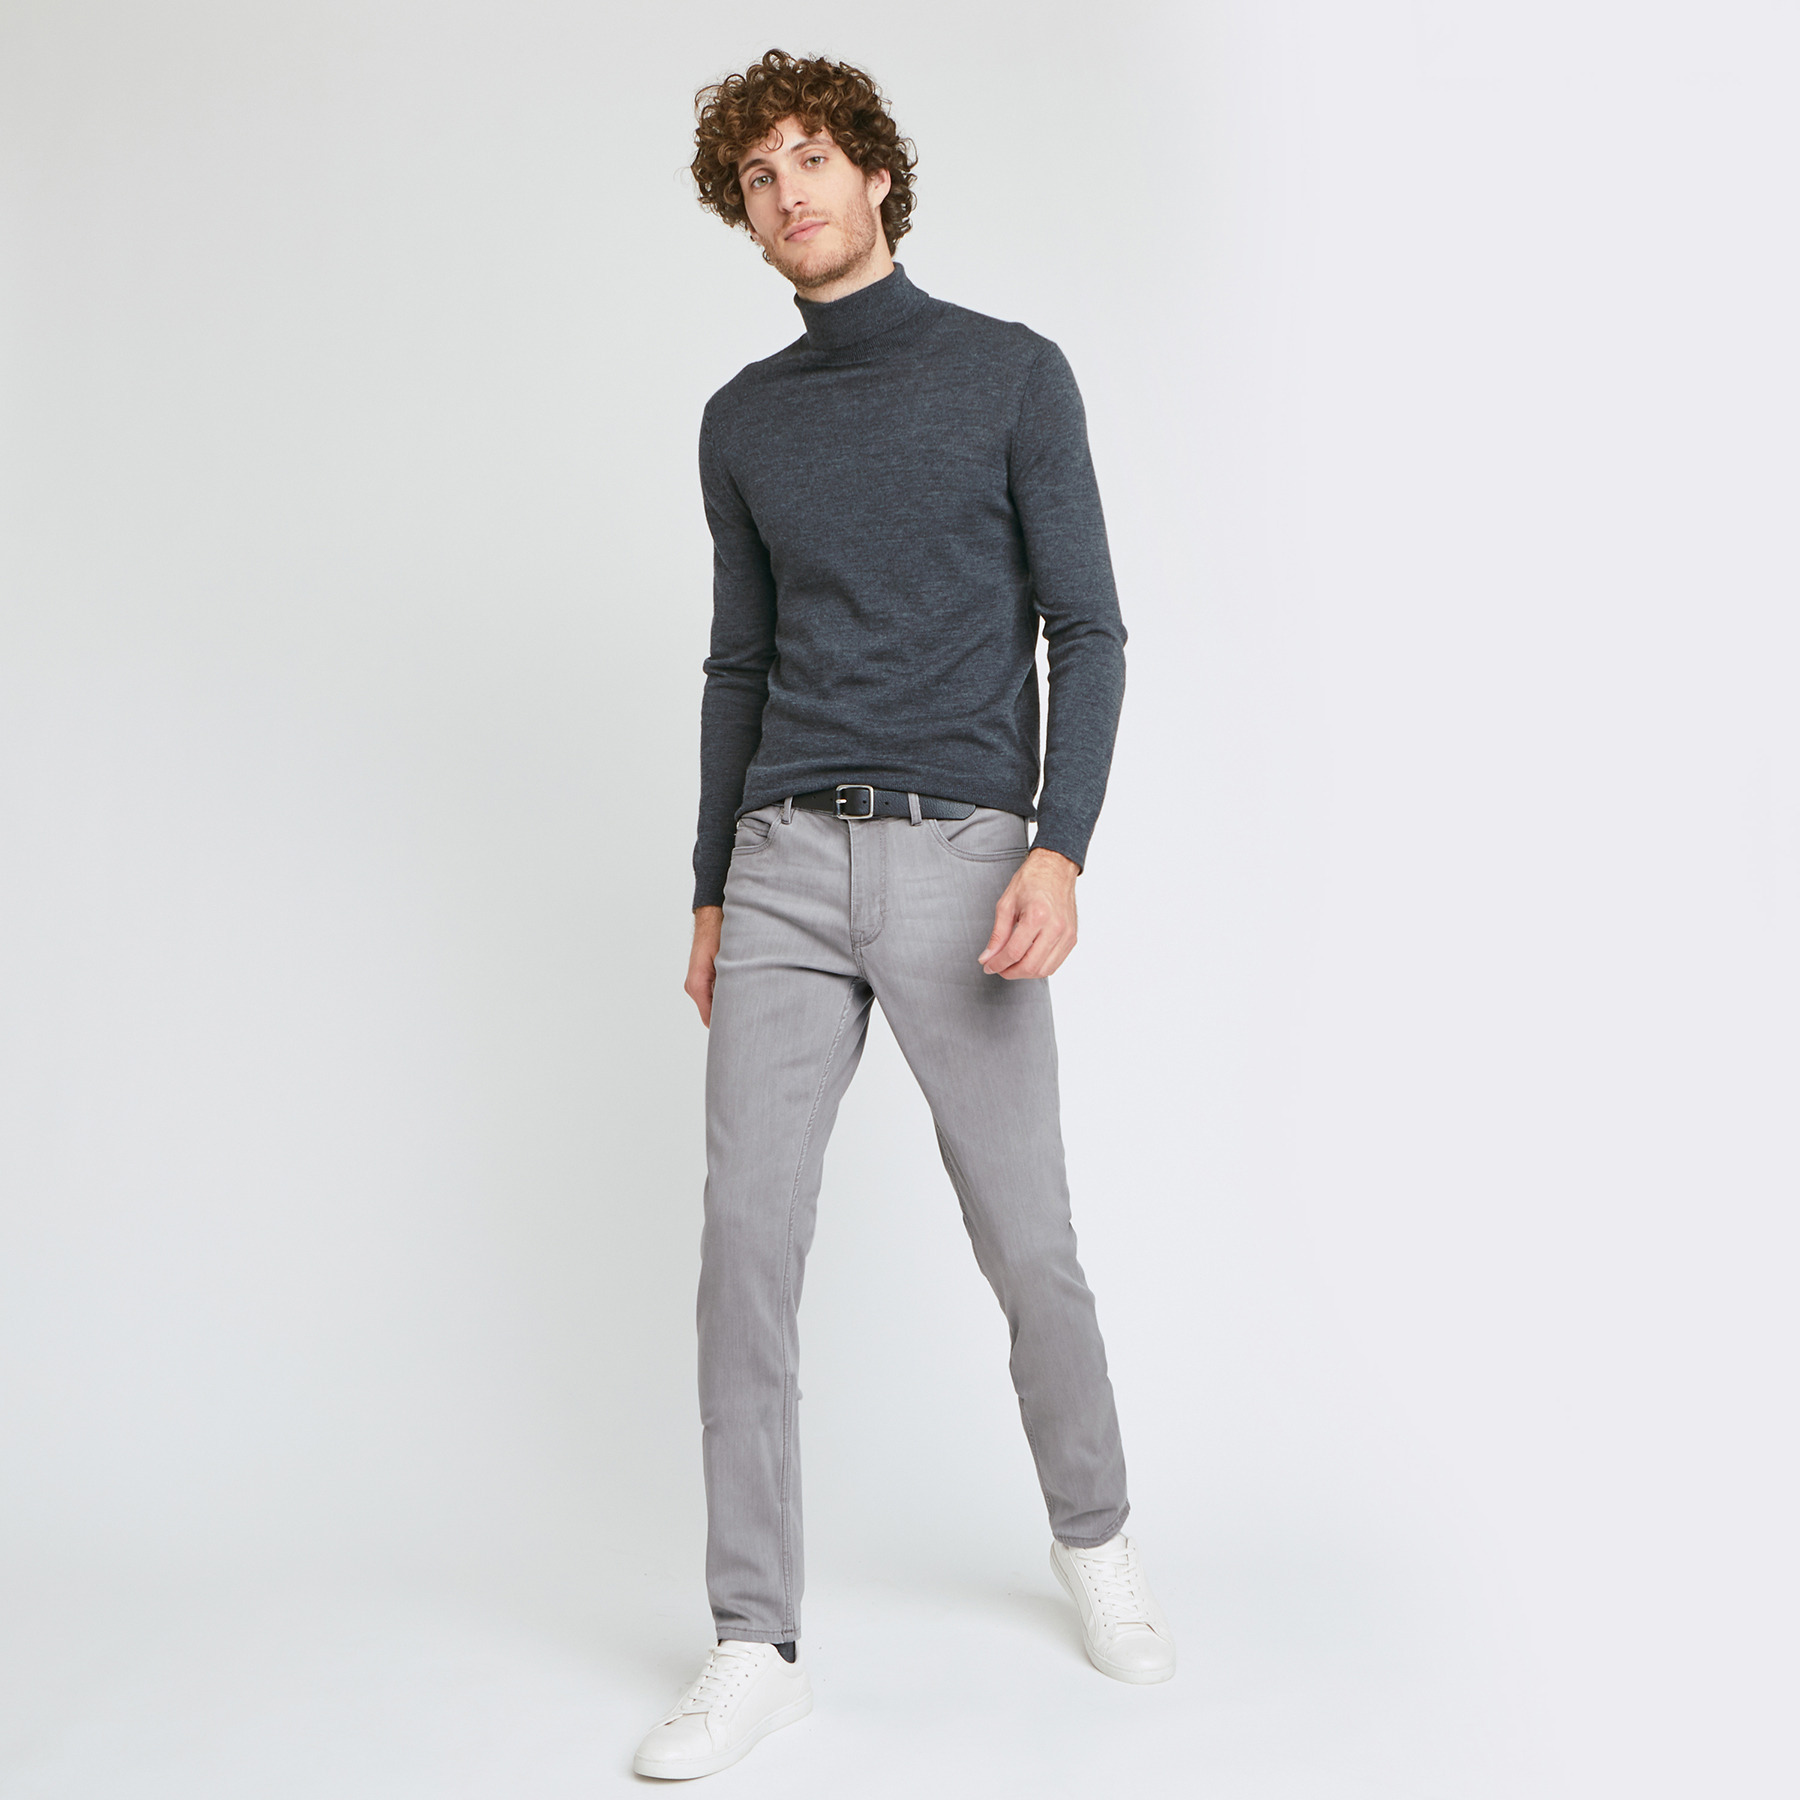 Jean slim #Tom urbanflex 4 longueurs gris Gris Homme